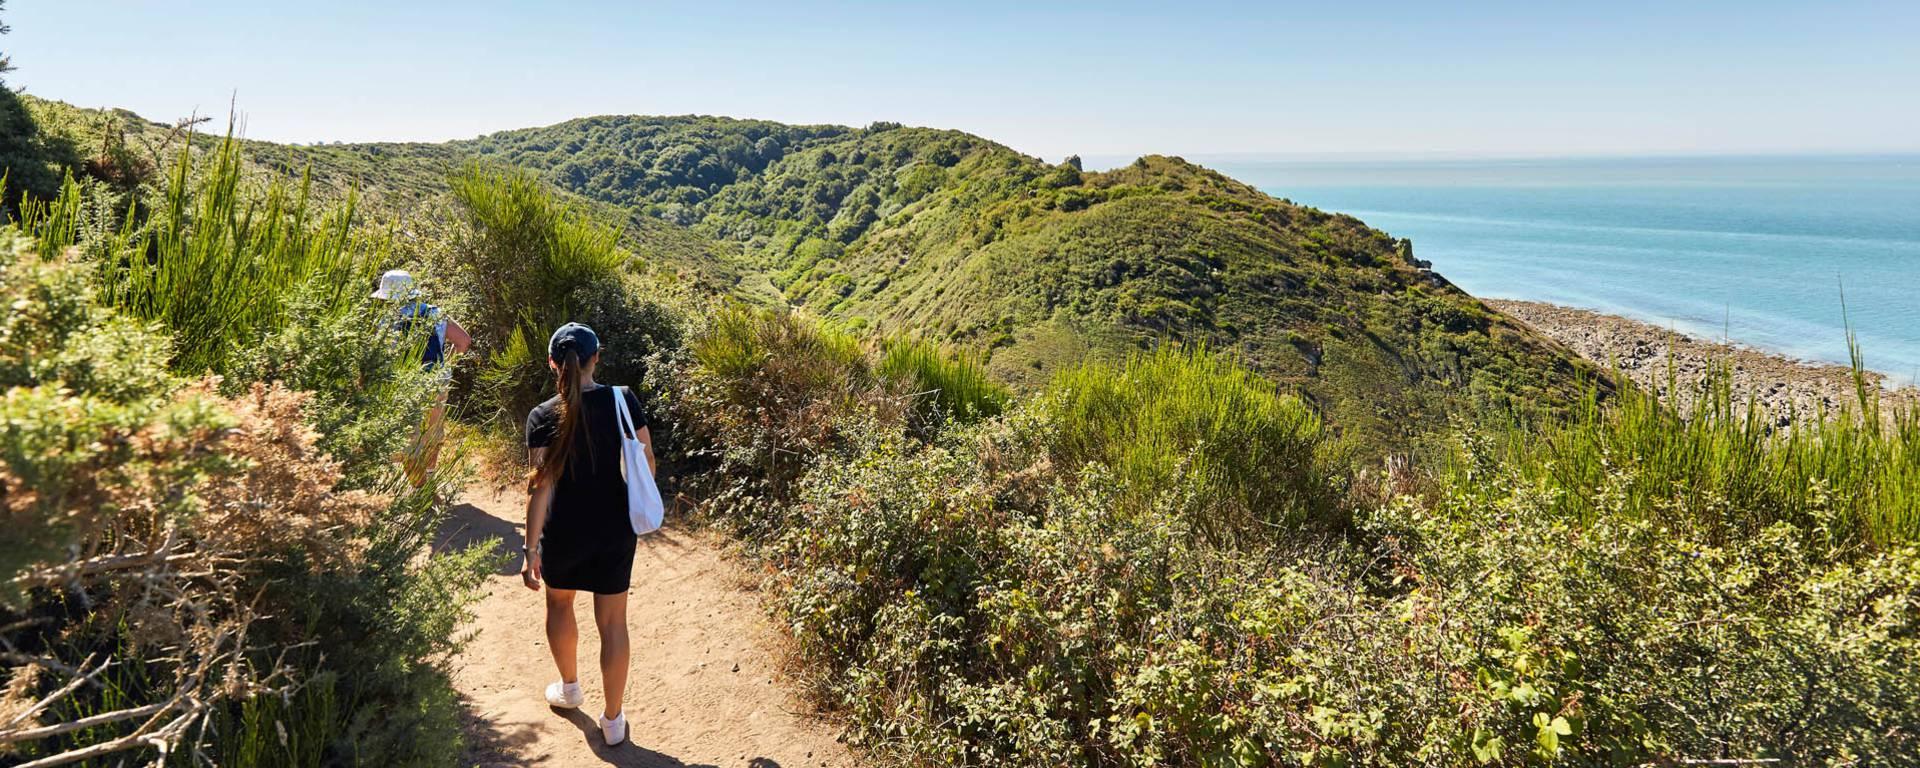 Profitez de la superbe balade sur le GR223. Il longe les falaises de Carolles et offre une vue spectaculaire sur la baie du Mont-Saint-Michel